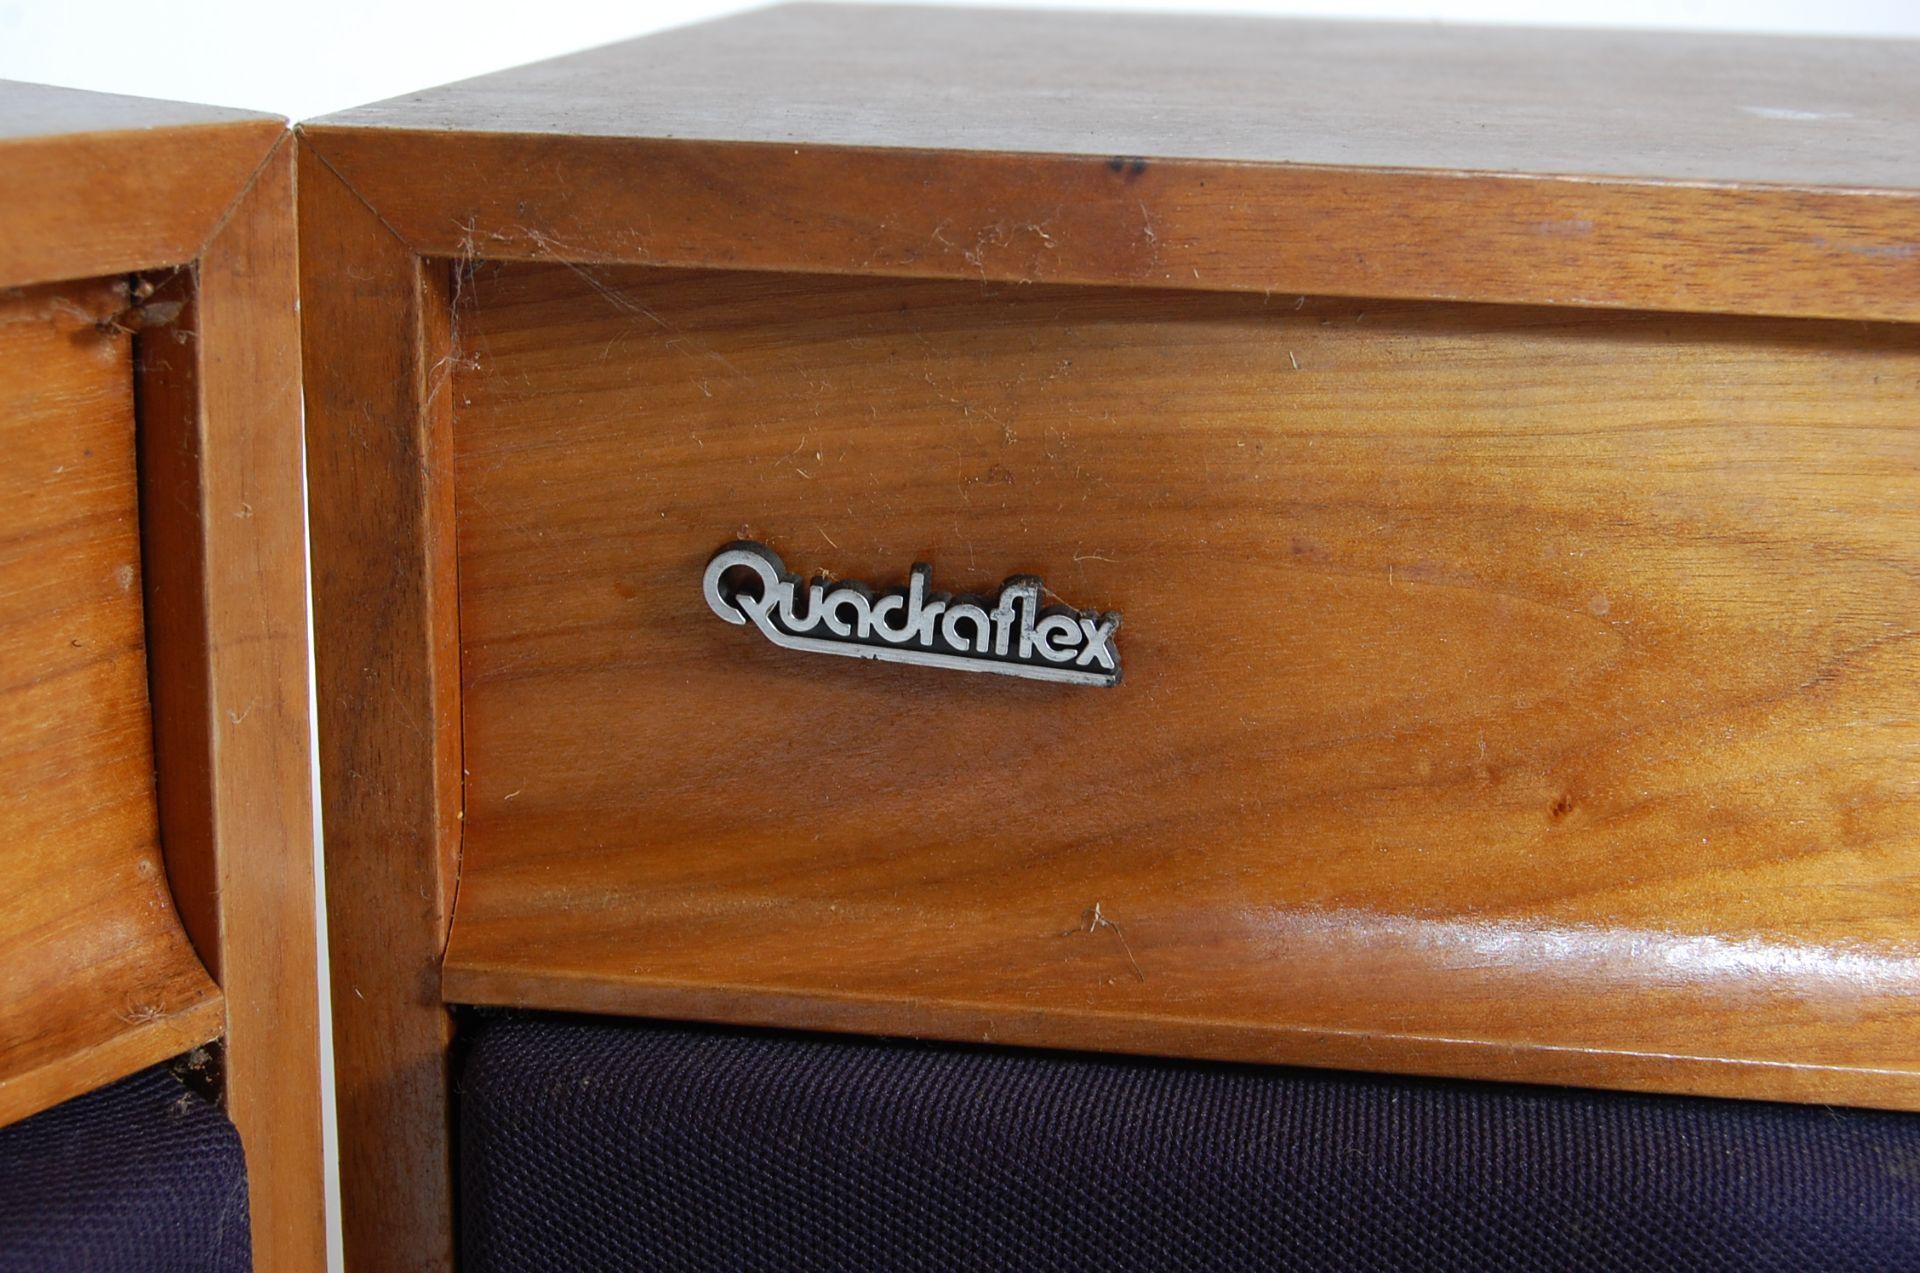 PAIR OF TEAK FLOOR STANDING QUADRAFLEX HIFI SPEAKERS - Image 3 of 5